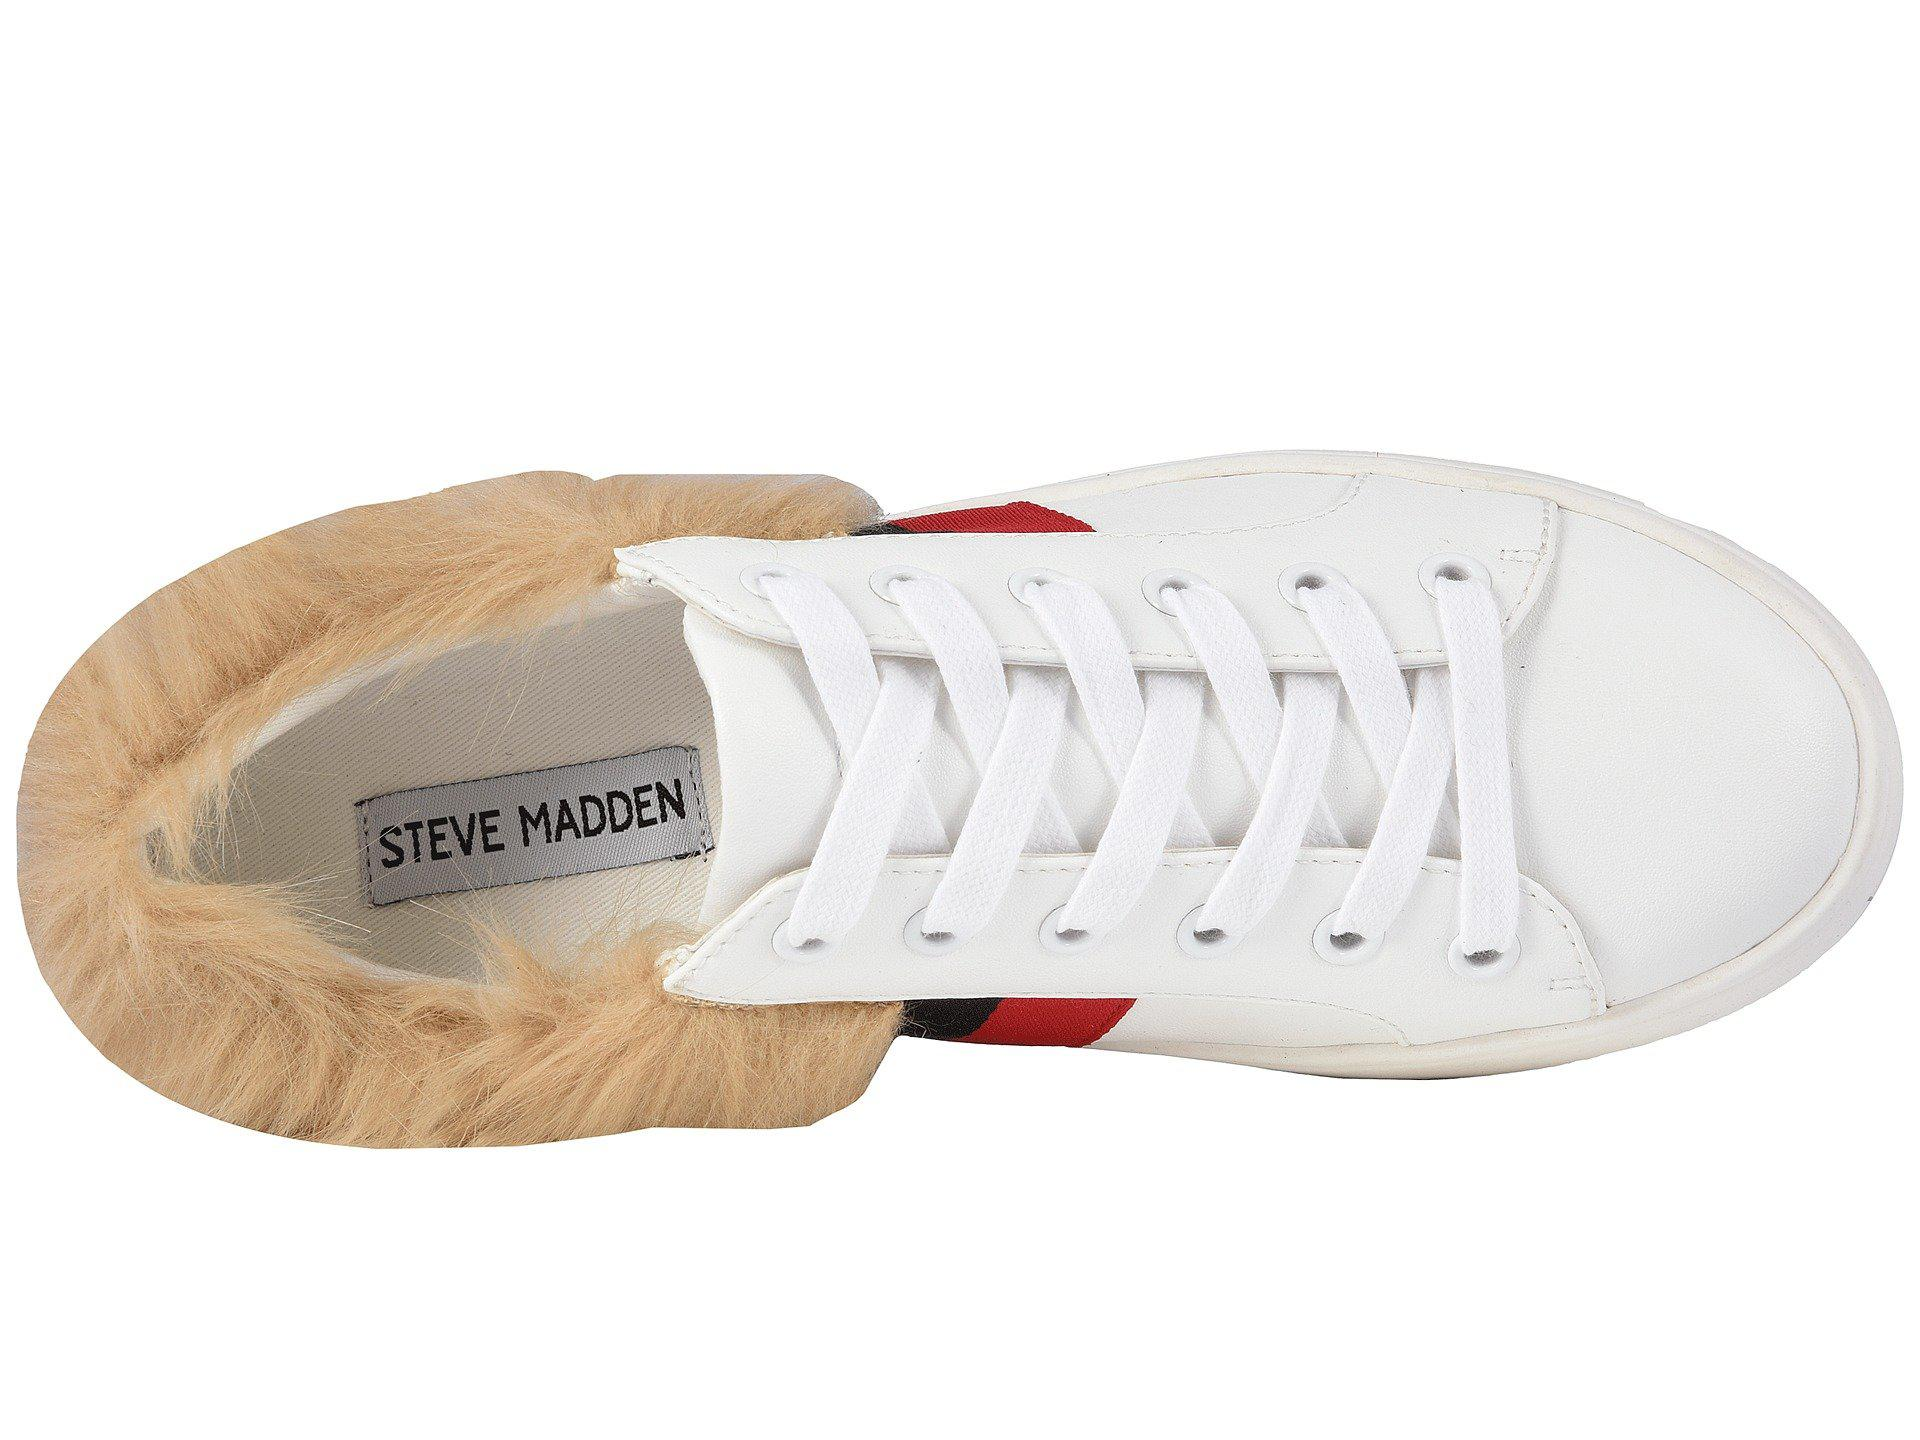 b05e75e4c08 Lyst - Steve Madden Belle-f (white Multi) Women s Shoes in White